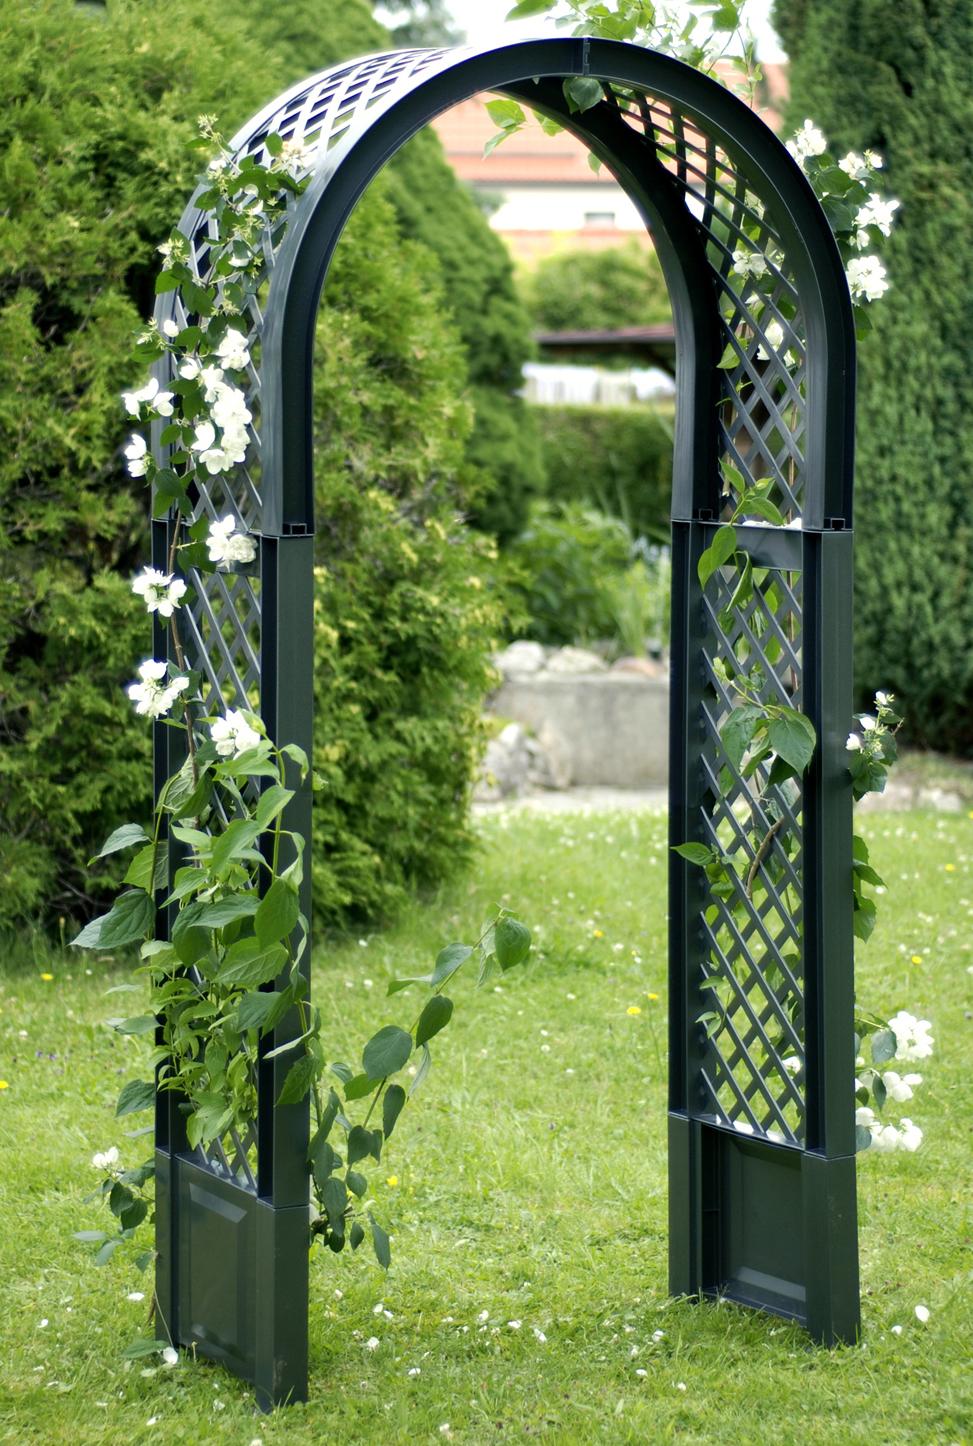 Садовая арка KHW 37903 GreenСадовые конструкции<br>Декоративная садовая арка KHW применяется в оформлении ландшафта участка, так как позволяет создать уникальный и ухоженный вид садовому участку. Арка применяется для оформления садовых дорожек, входа в дом или веранду. Она станет одной из самых красивых украшений сада. <br><br>Садовая арка KHW представляет собой решетчатую конструкцию, изогнутую в виде арки. Такое изделие отлично подойдет для вьющихся растений. В основании арки имеются штыри для прочной установки ее в землю. <br><br>Материал, из которого изготовлена арка KHW - полипропилен, не требует особого...<br><br>Тип: садовая арка<br>Материал : полипропилен<br>Ящик для растений: нет